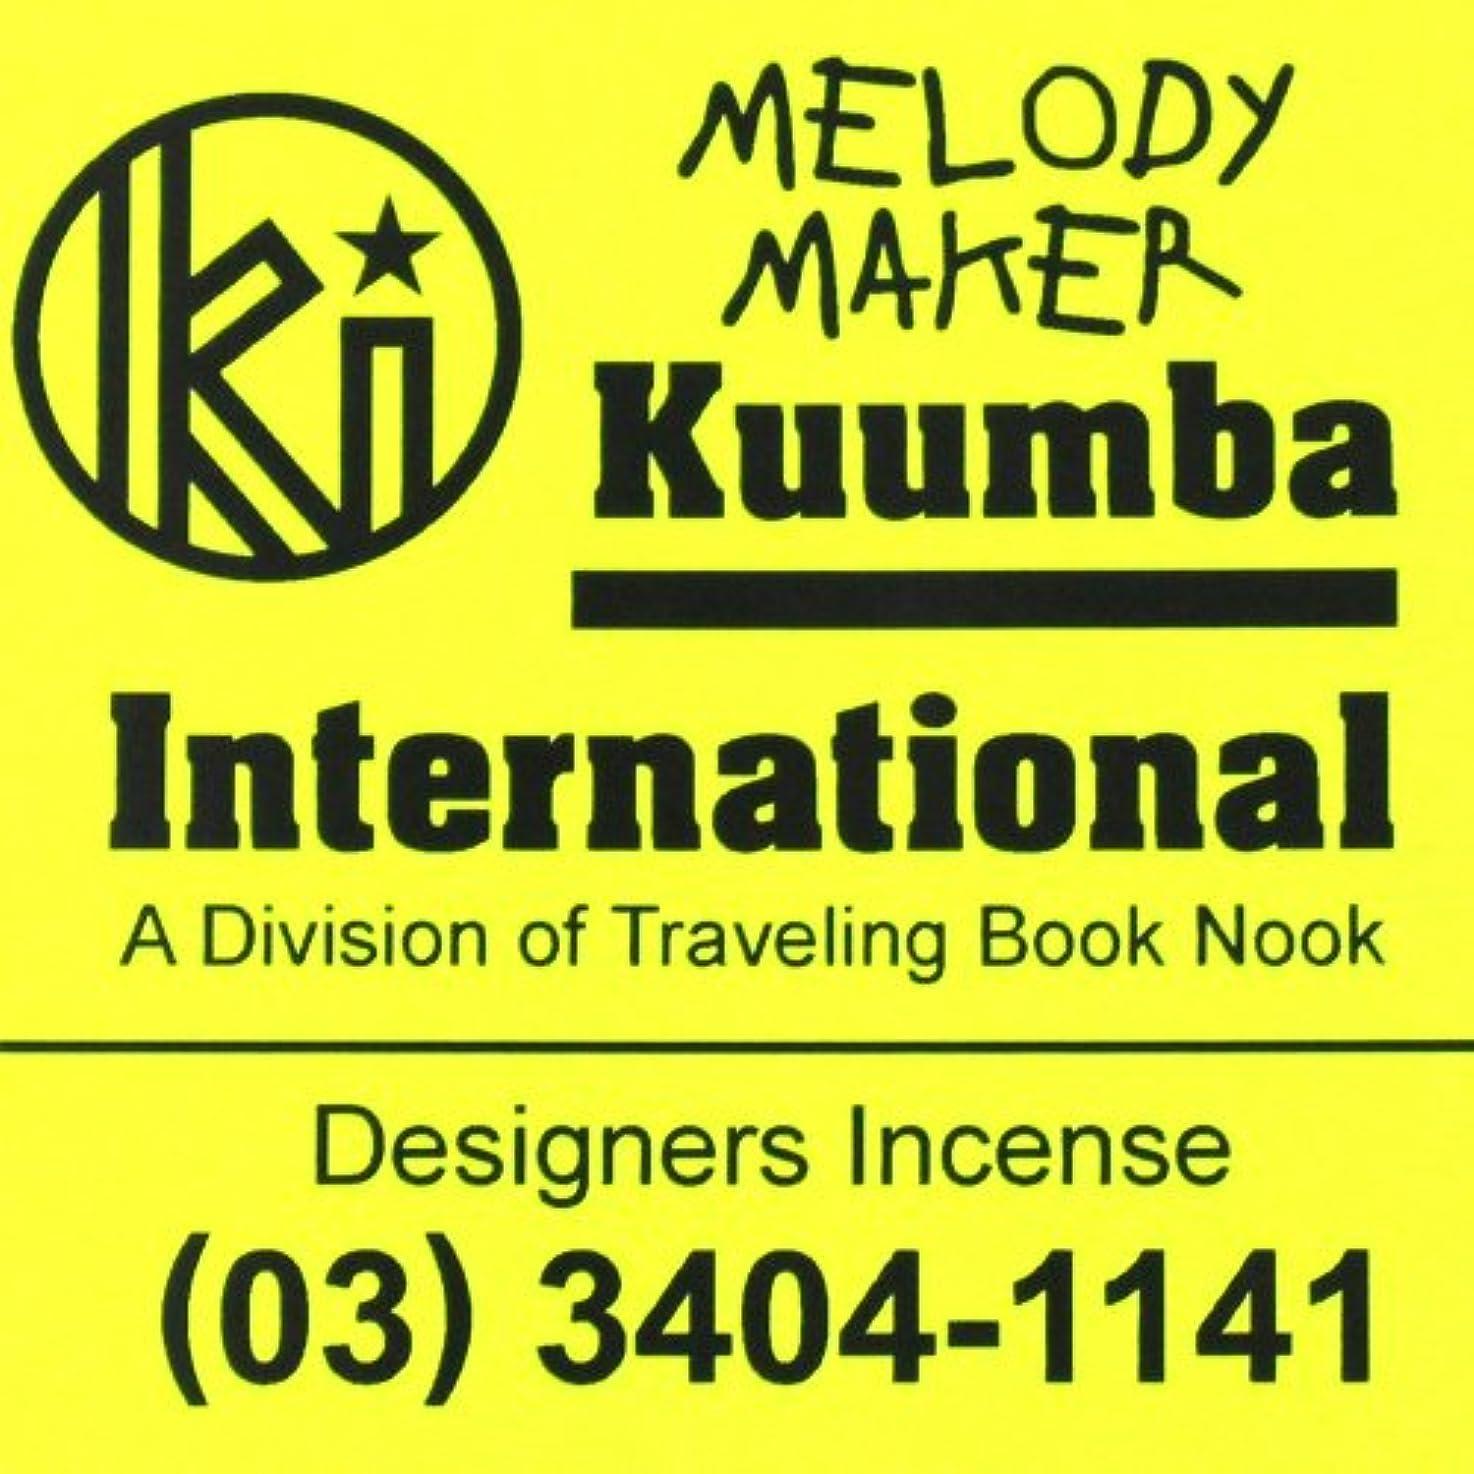 カウンターパートメニュー別に(クンバ) KUUMBA『classic regular incense』(MELODY MAKER) (Regular size)